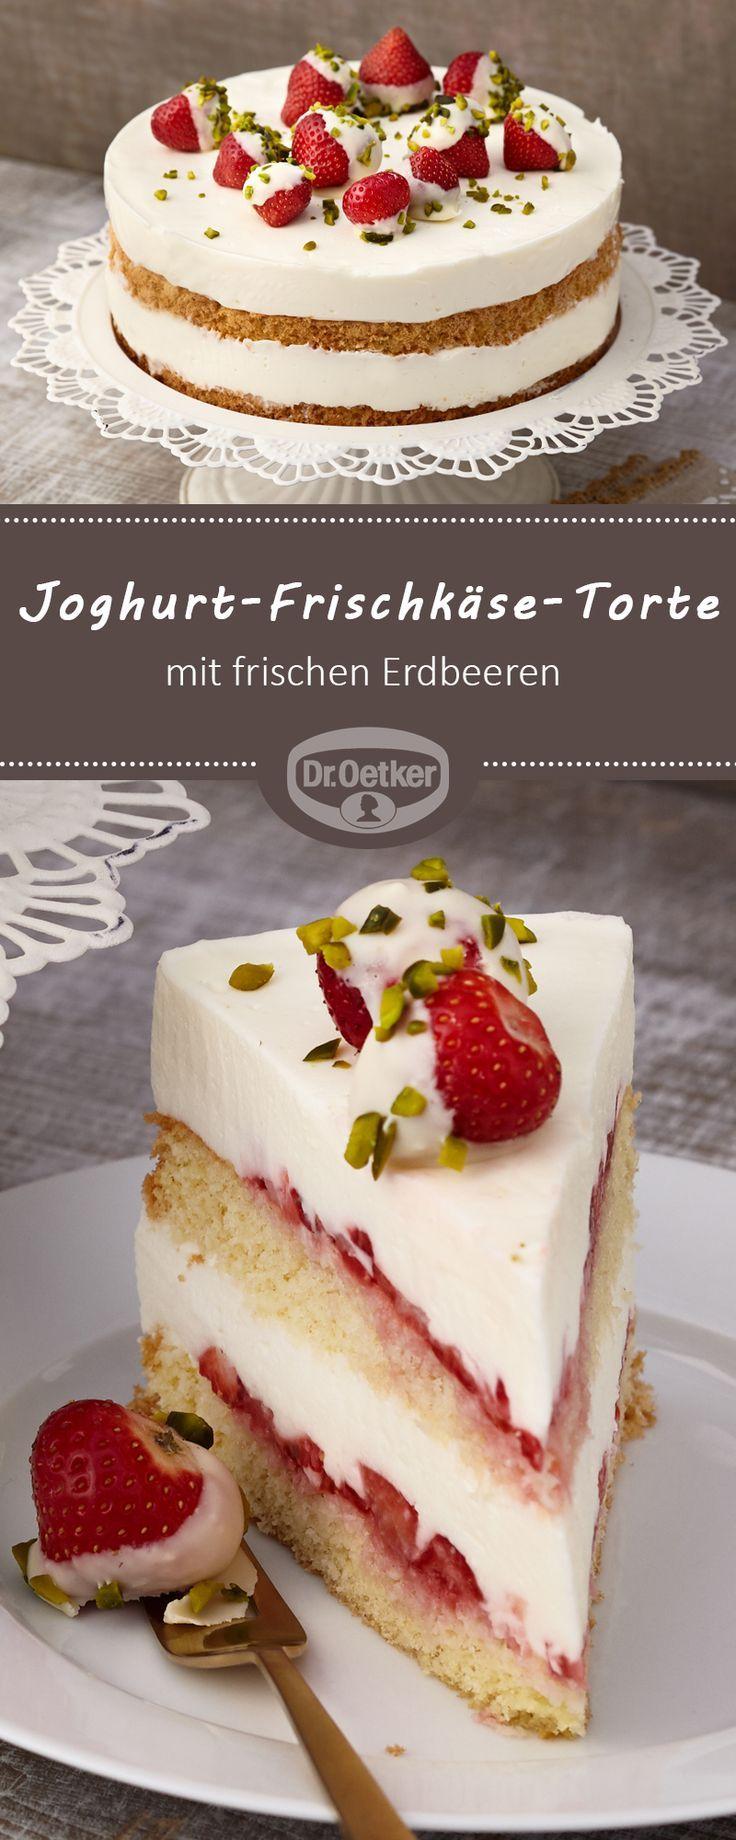 Joghurt Frischkase Torte Mit Erdbeeren Rezept In 2019 Kuchen